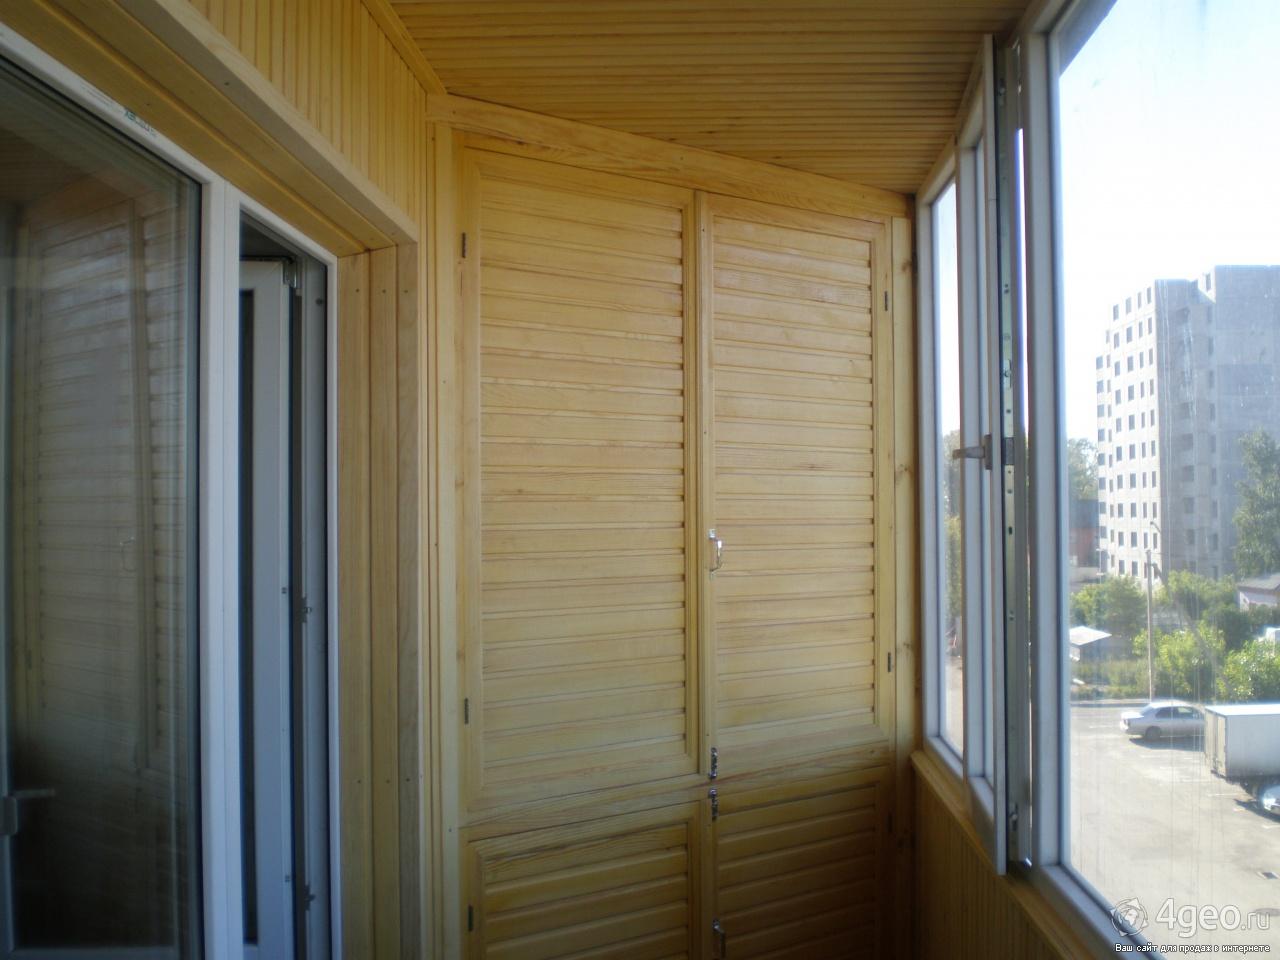 Балконы-остекление и отделка в омске / купить, узнать цену н.